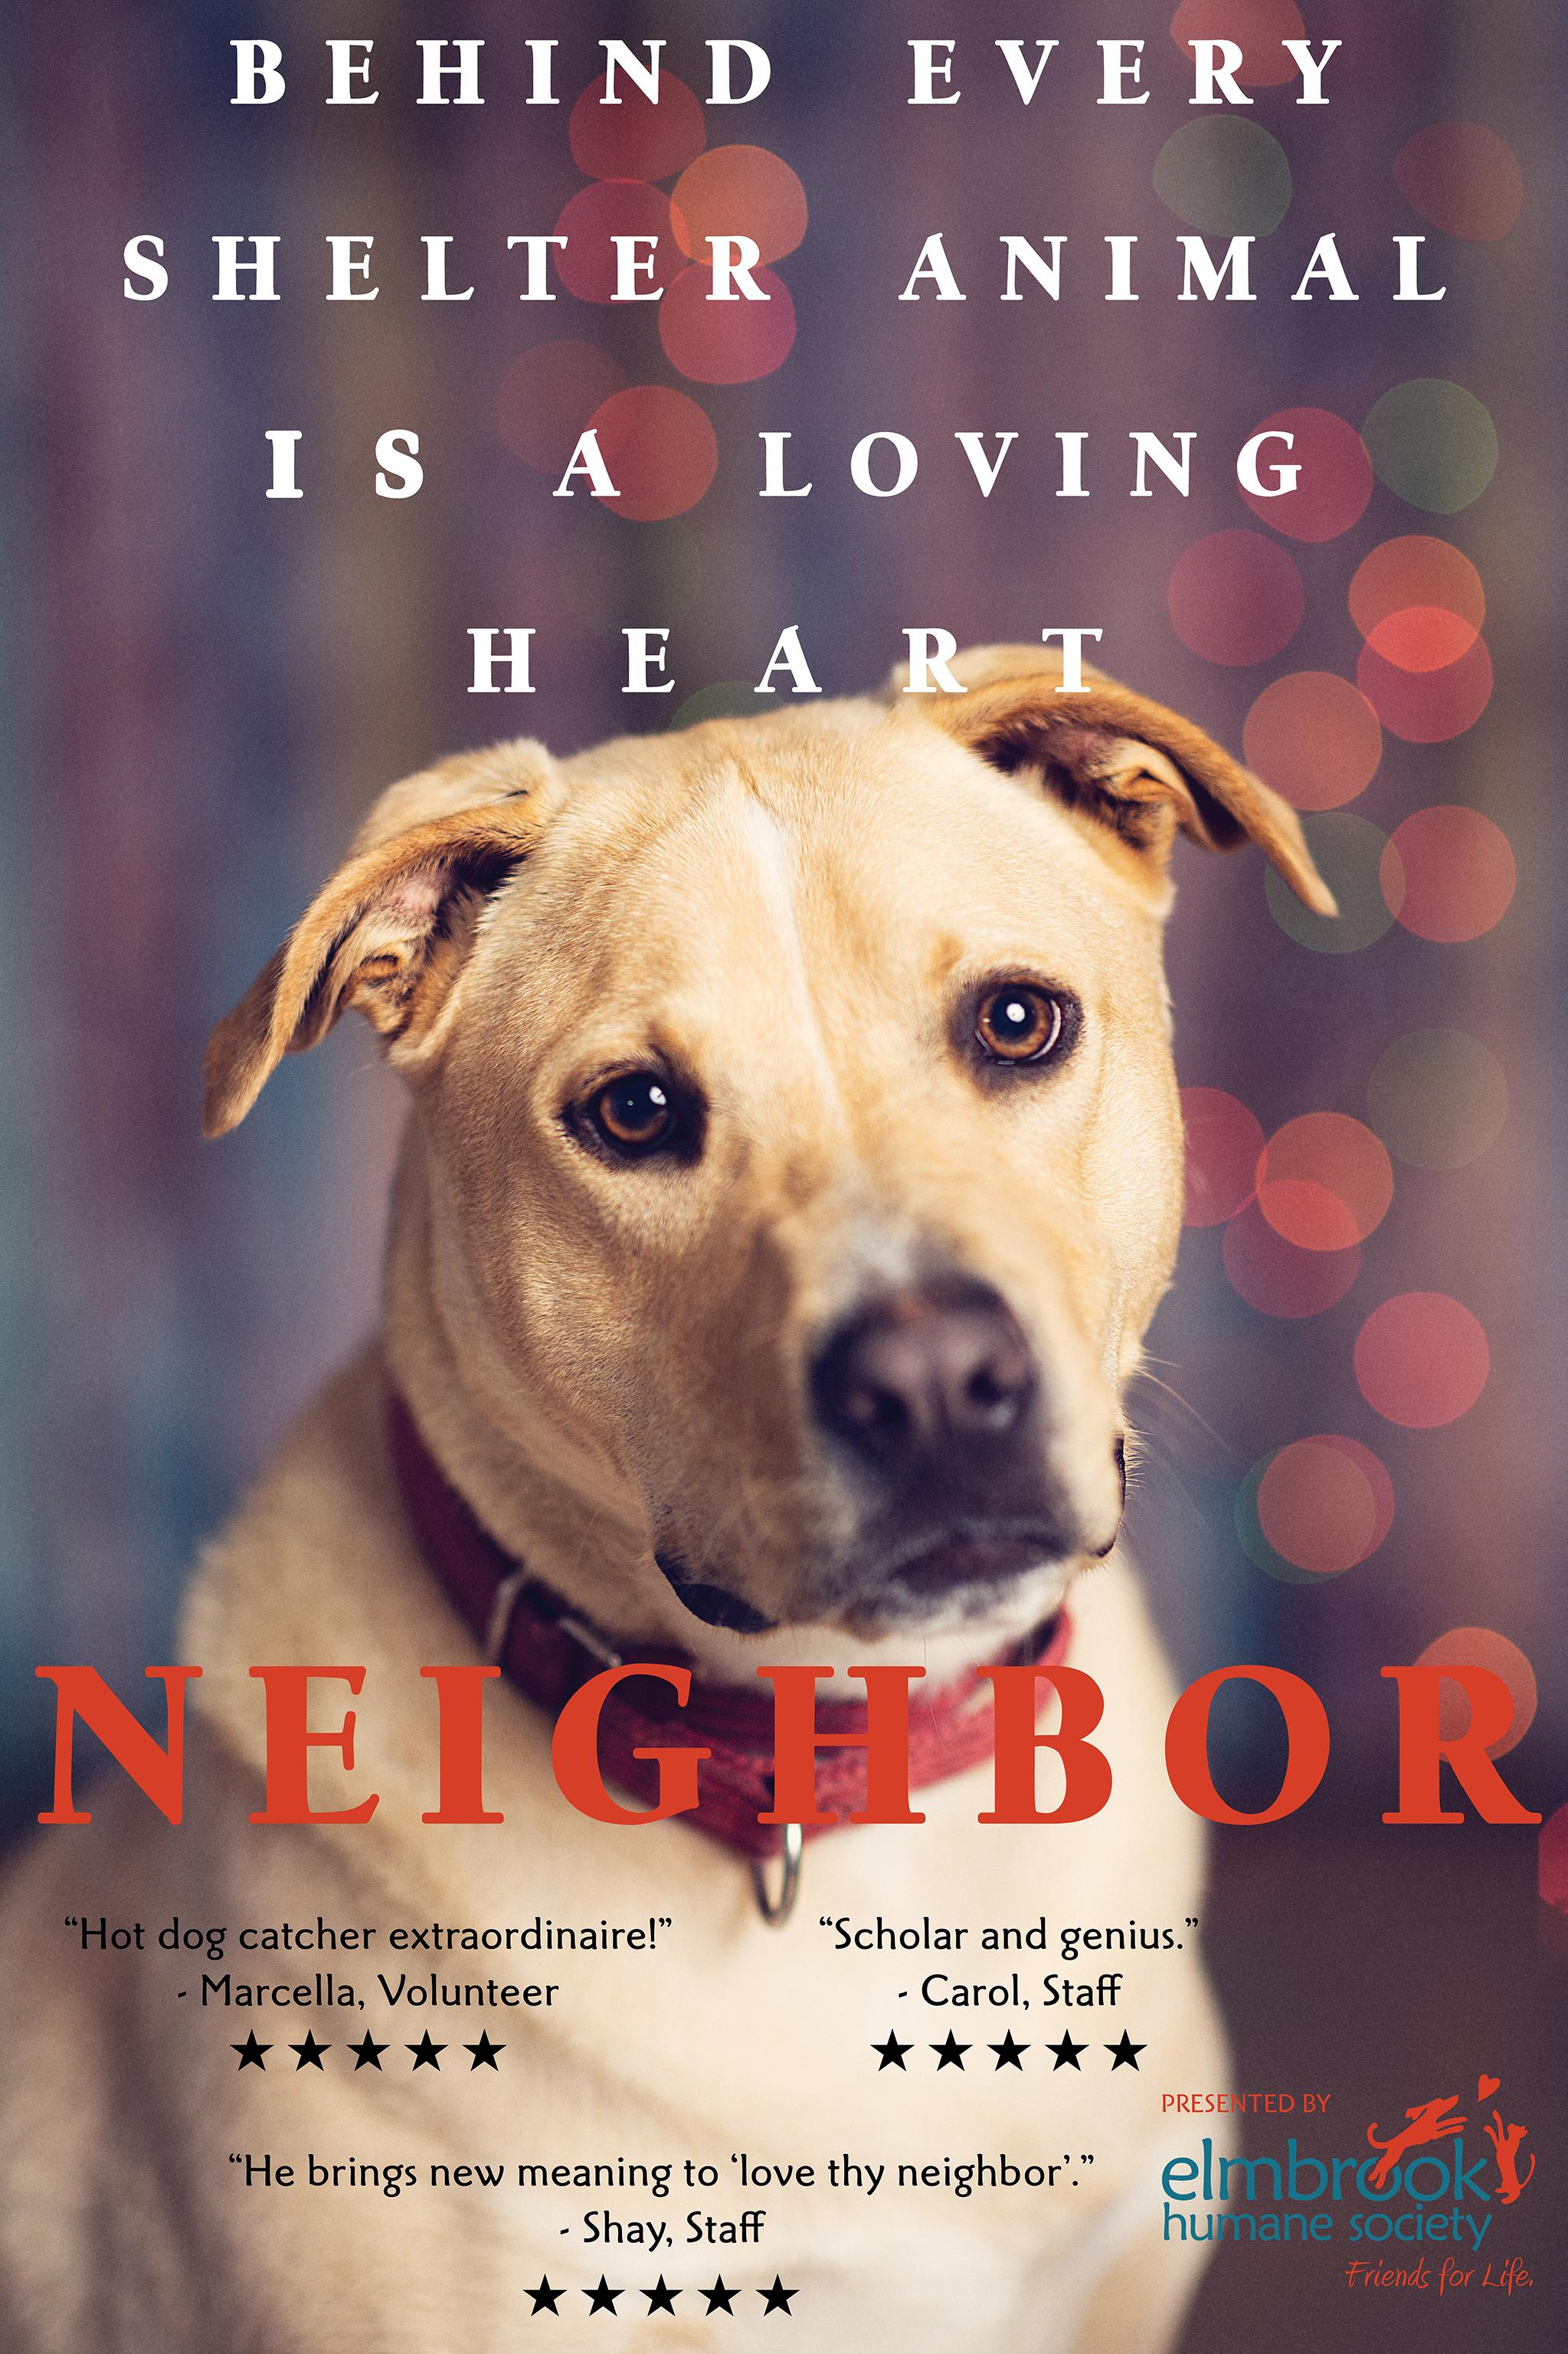 NeighborPoster_ErinBeckett_2019-06-12.jpg